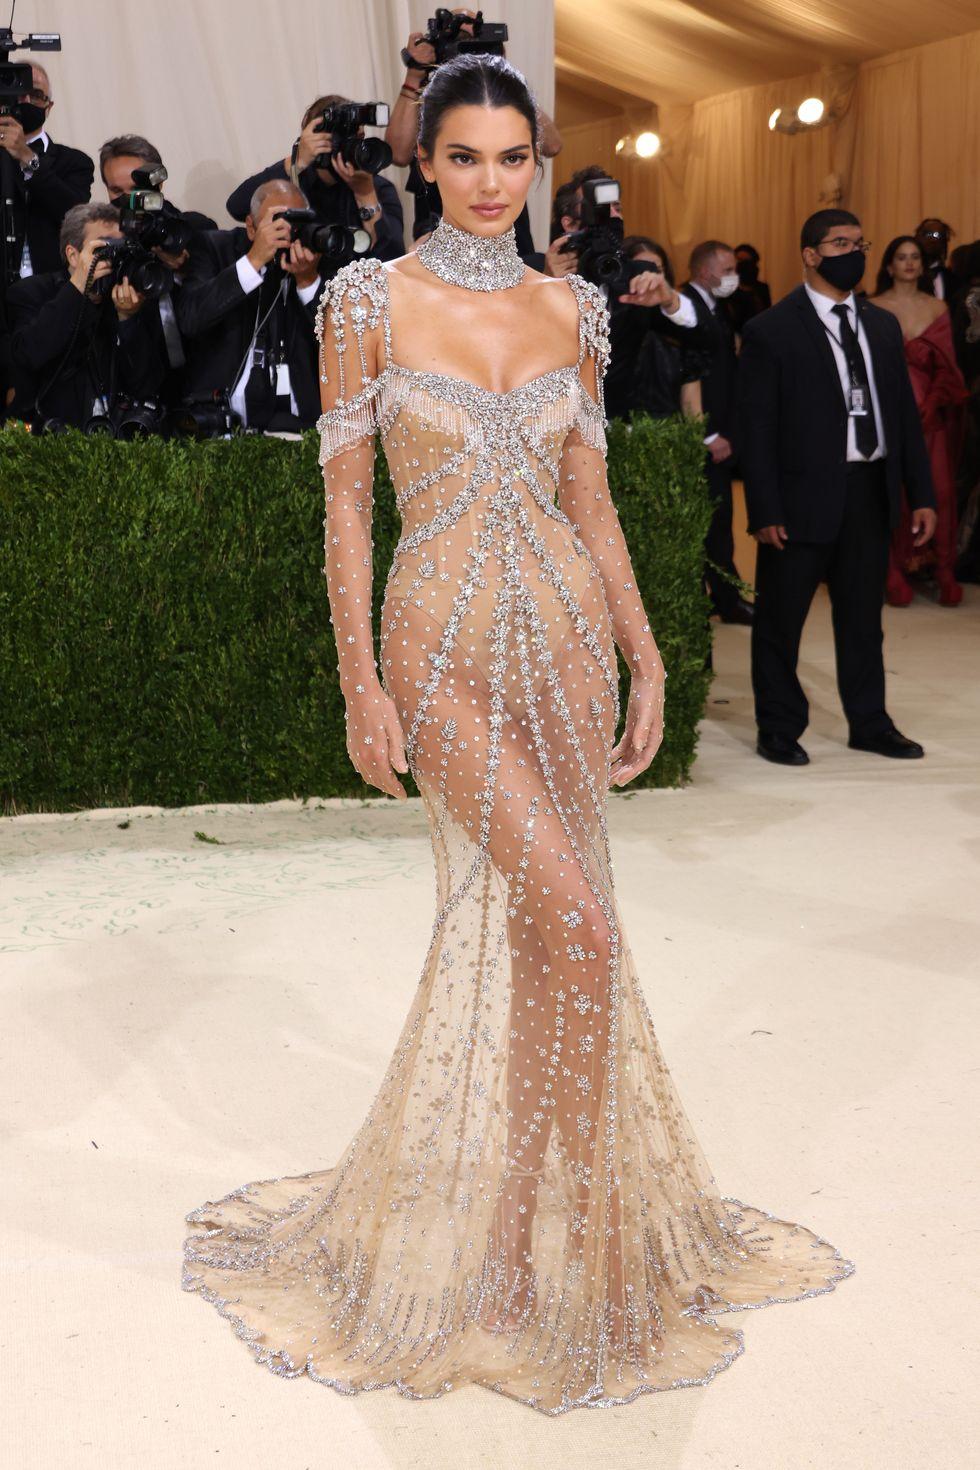 Với thân hình đẹp tựa thần Vệ nữ, Kendall Jenner có khả năng chinh phục mọi kiểu trang phục, dù khó mặc đến mức nào. Thiết kế Givenchy cô diện đến Met Gala năm nay không chỉ ôm khít vào body mà còn có chất liệu trong suốt siêu mềm mại, giúp siêu mẫu khoe trọn vẹn đường cong hoàn mỹ.